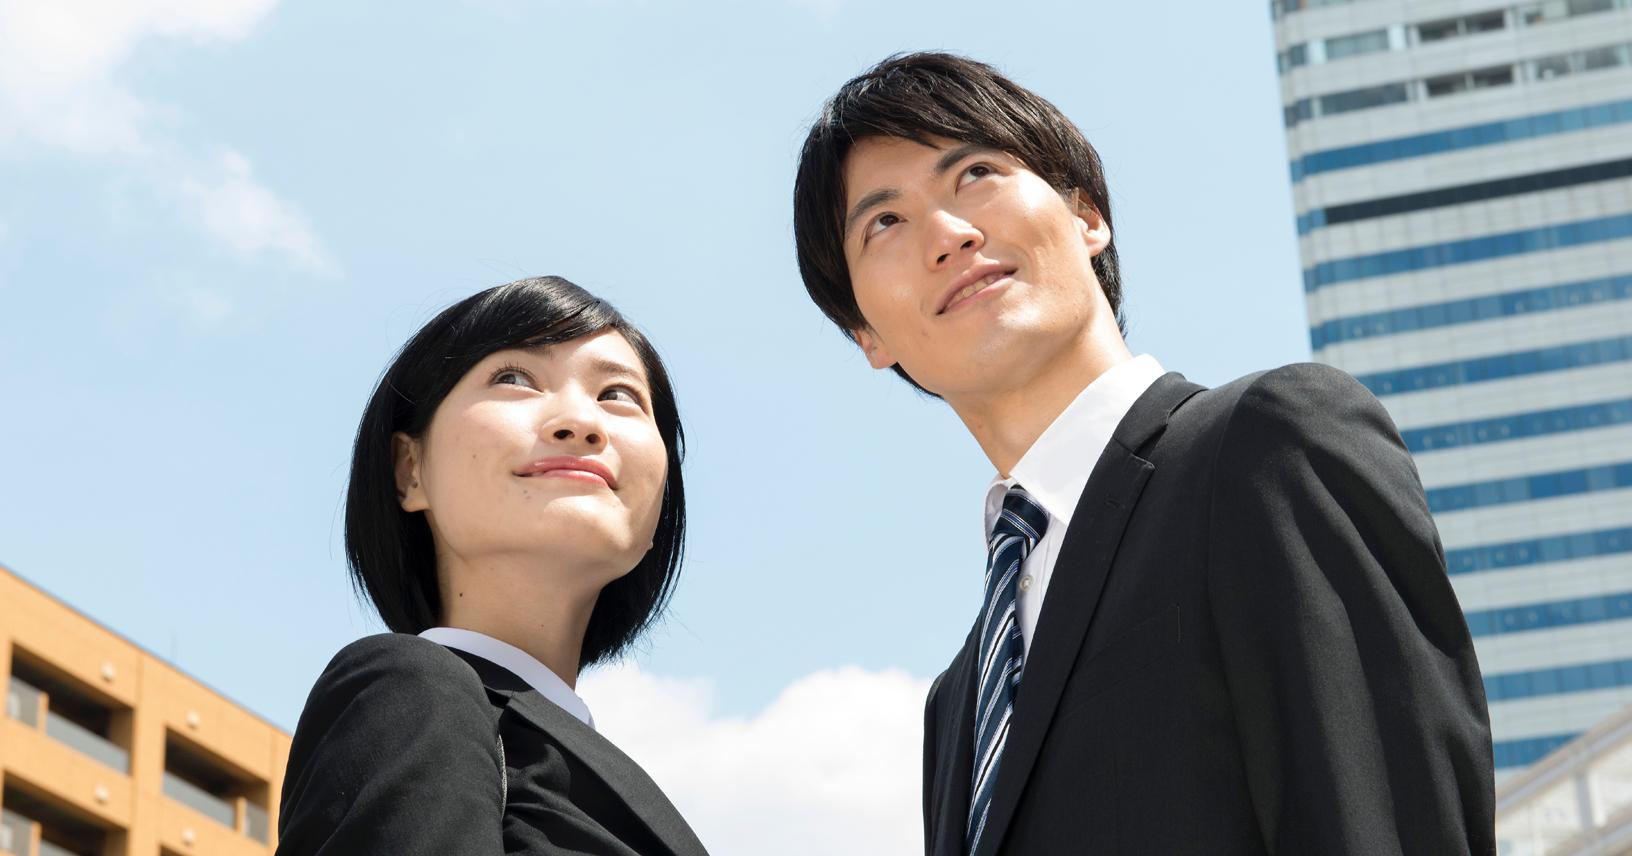 平成29年度 産業人材育成・確保のグッドジョブプロジェクト(滋賀県)